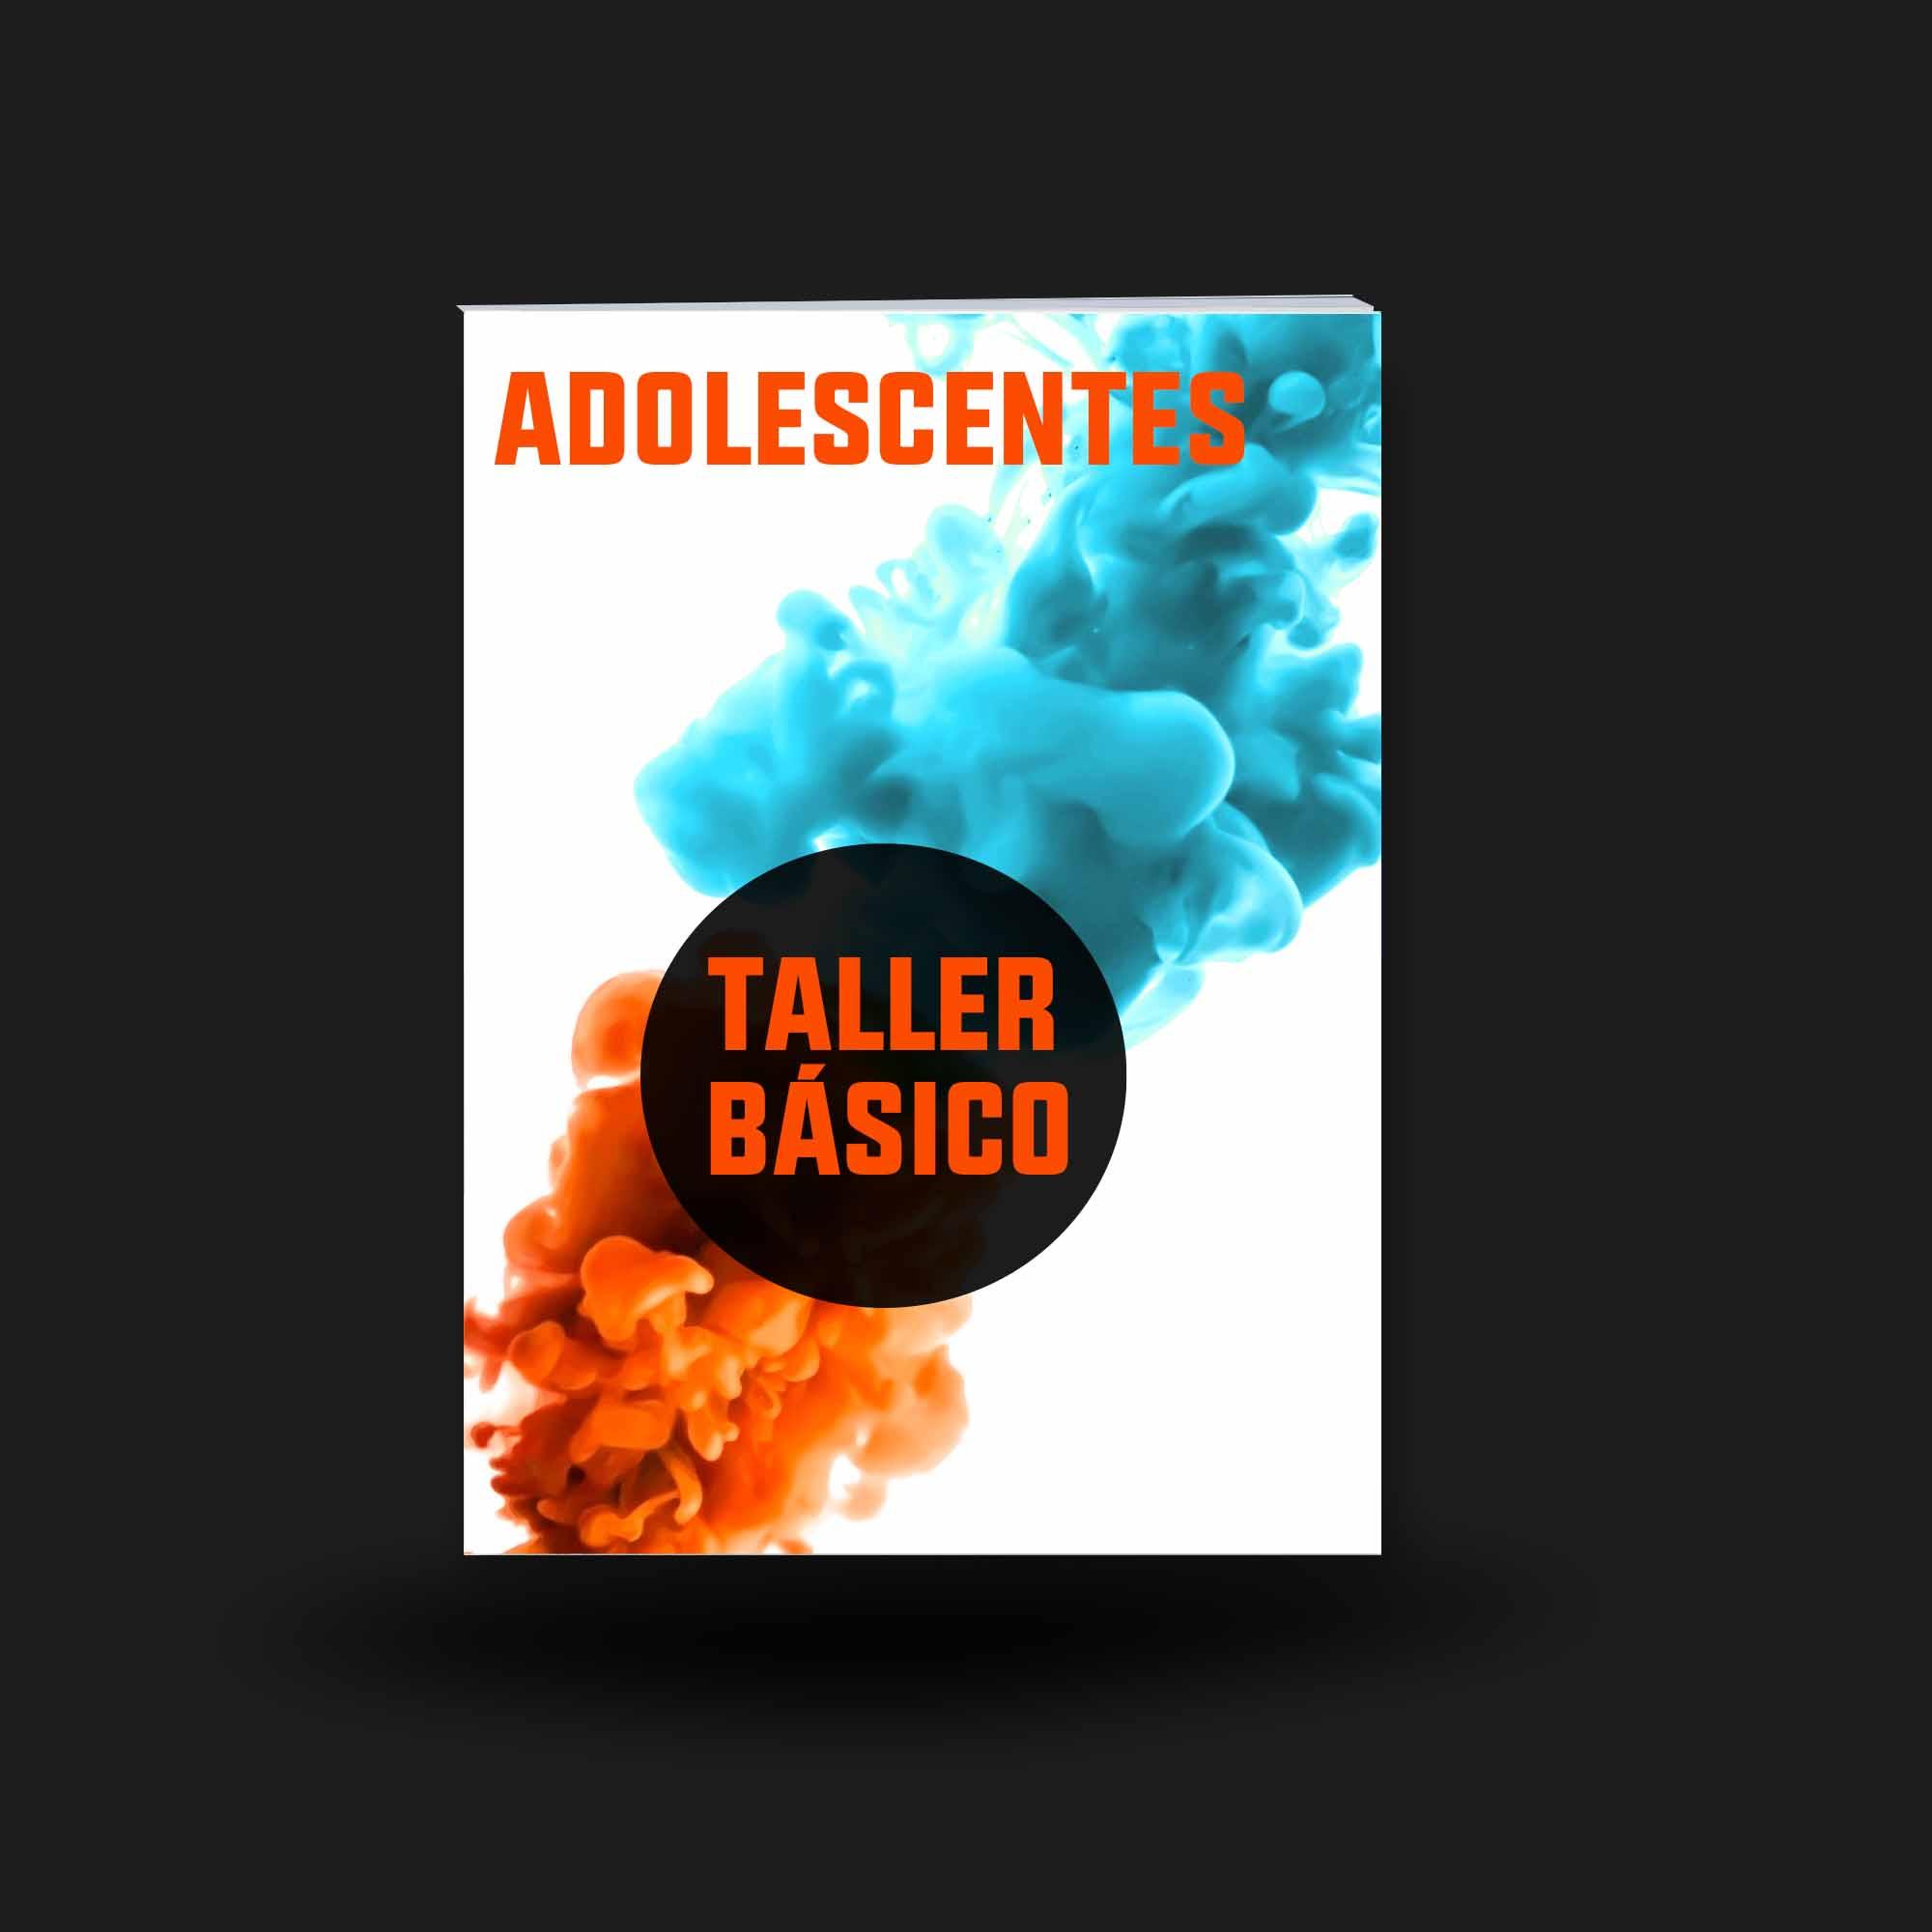 Adolescentes Taller basico